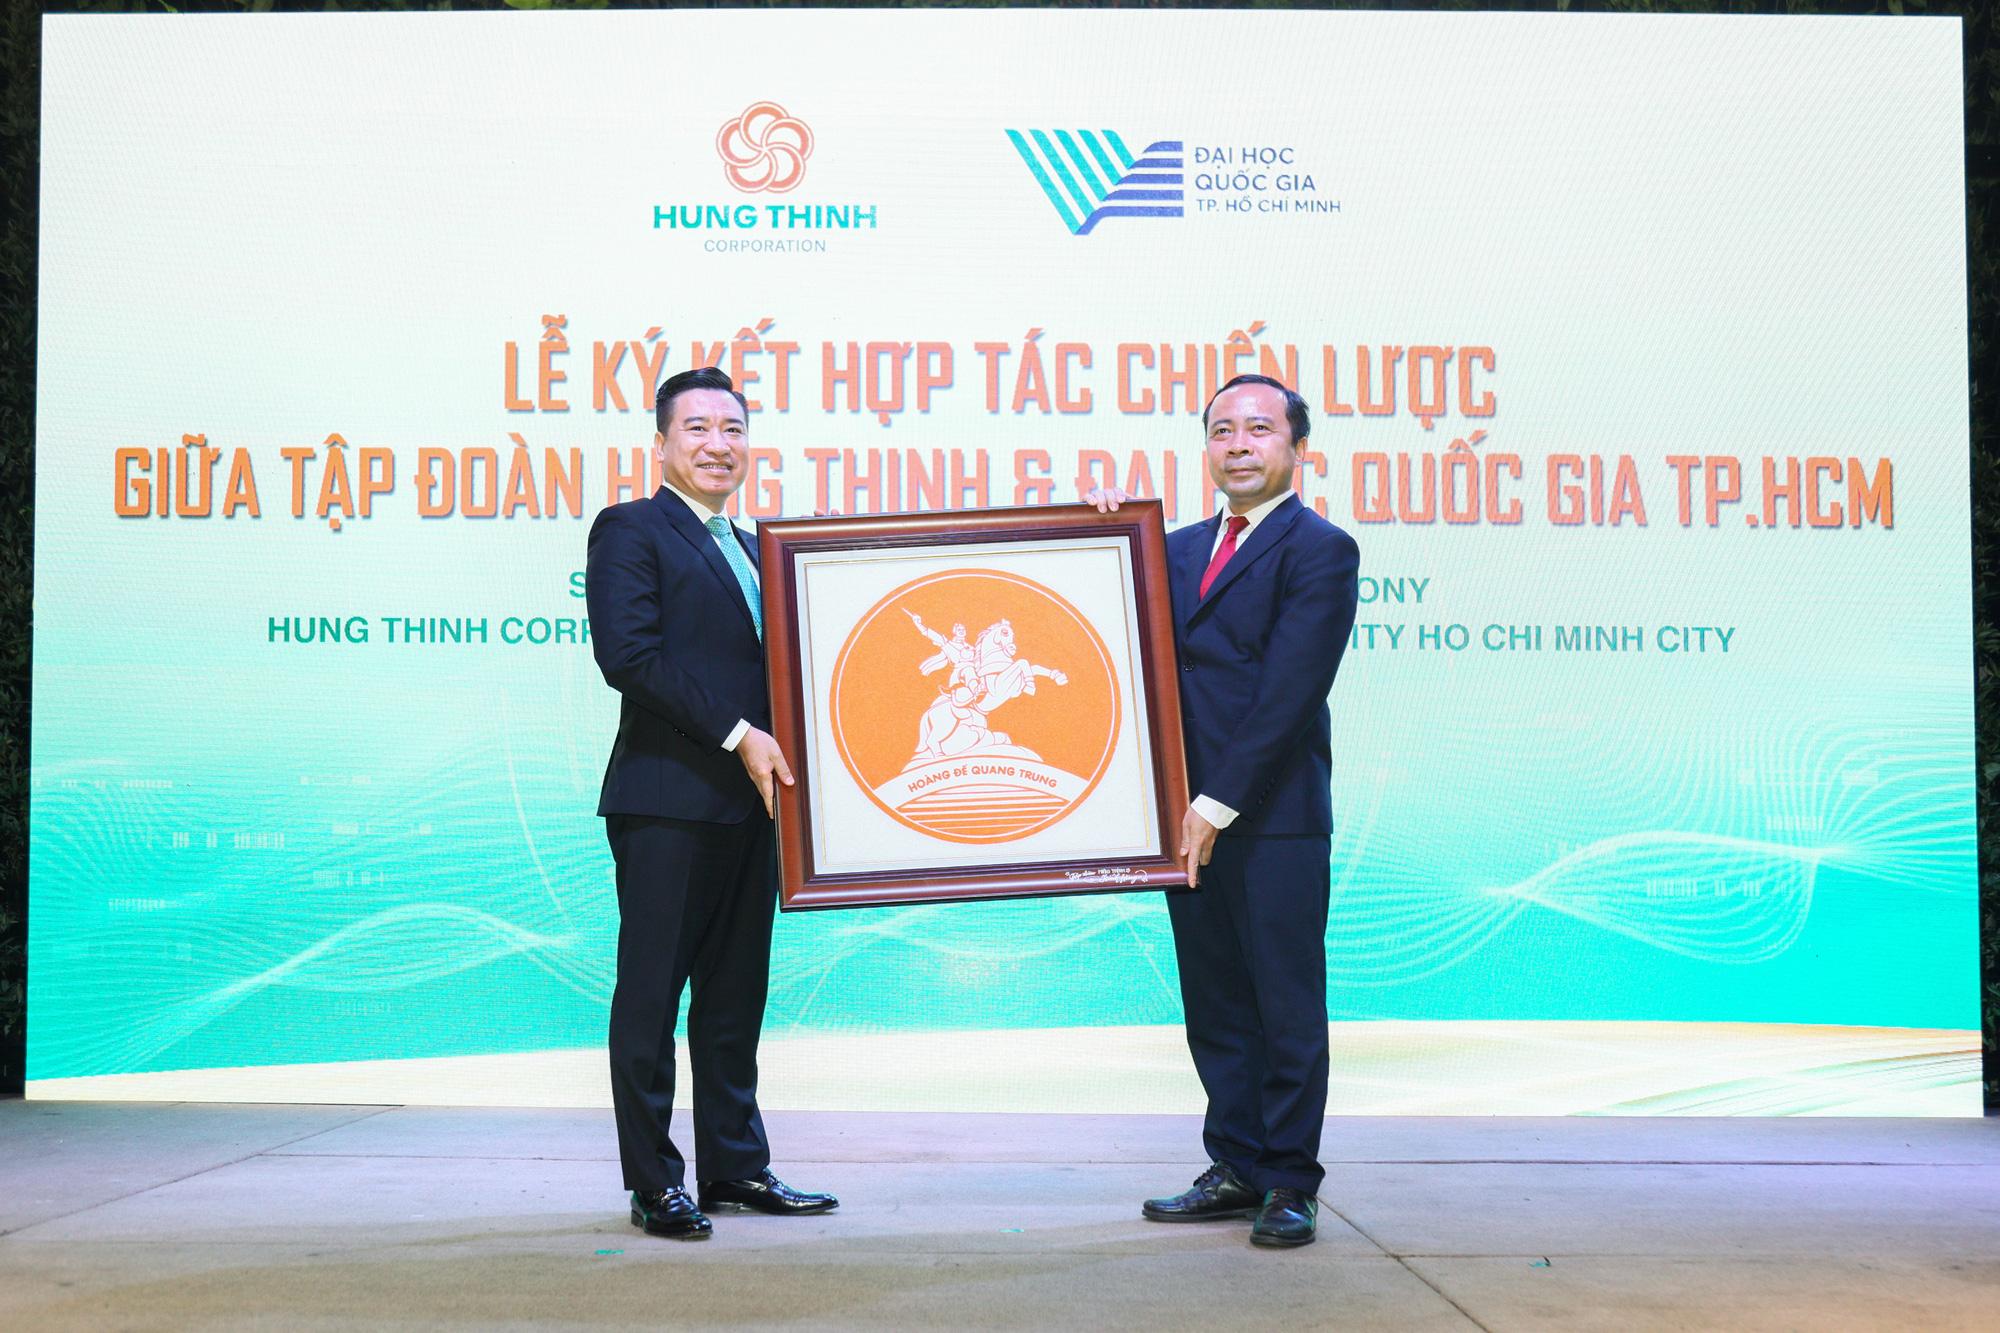 Tập đoàn Hưng Thịnh và Đại học Quốc gia TP.HCM ký kết hợp tác chiến lược - Ảnh 5.